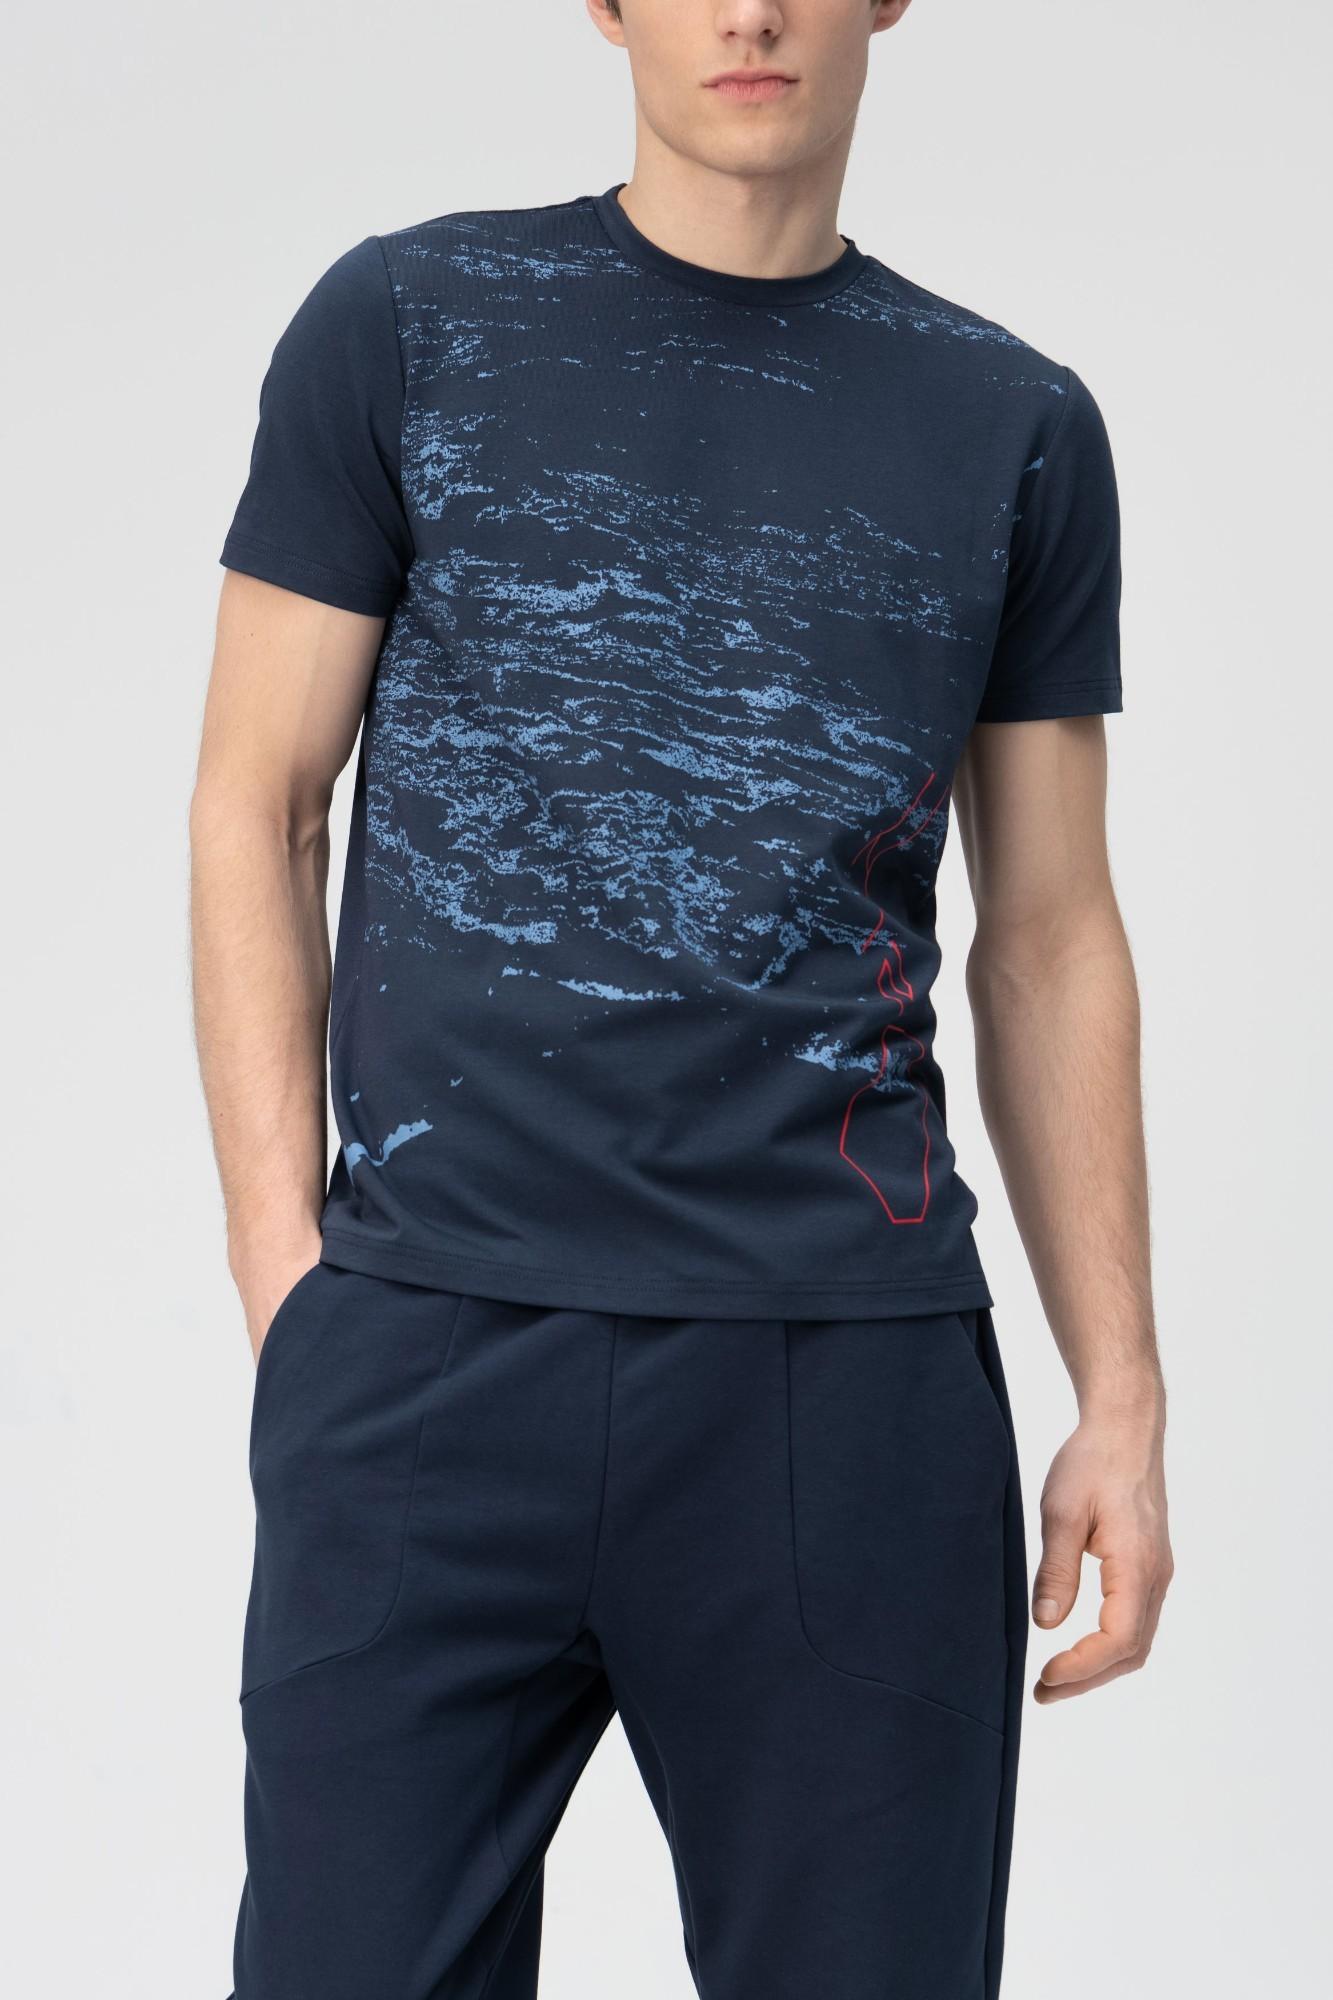 AUDIMAS Marginti švelnūs modalo marškin. 2011-526 Navy Blazer 1 Pr S